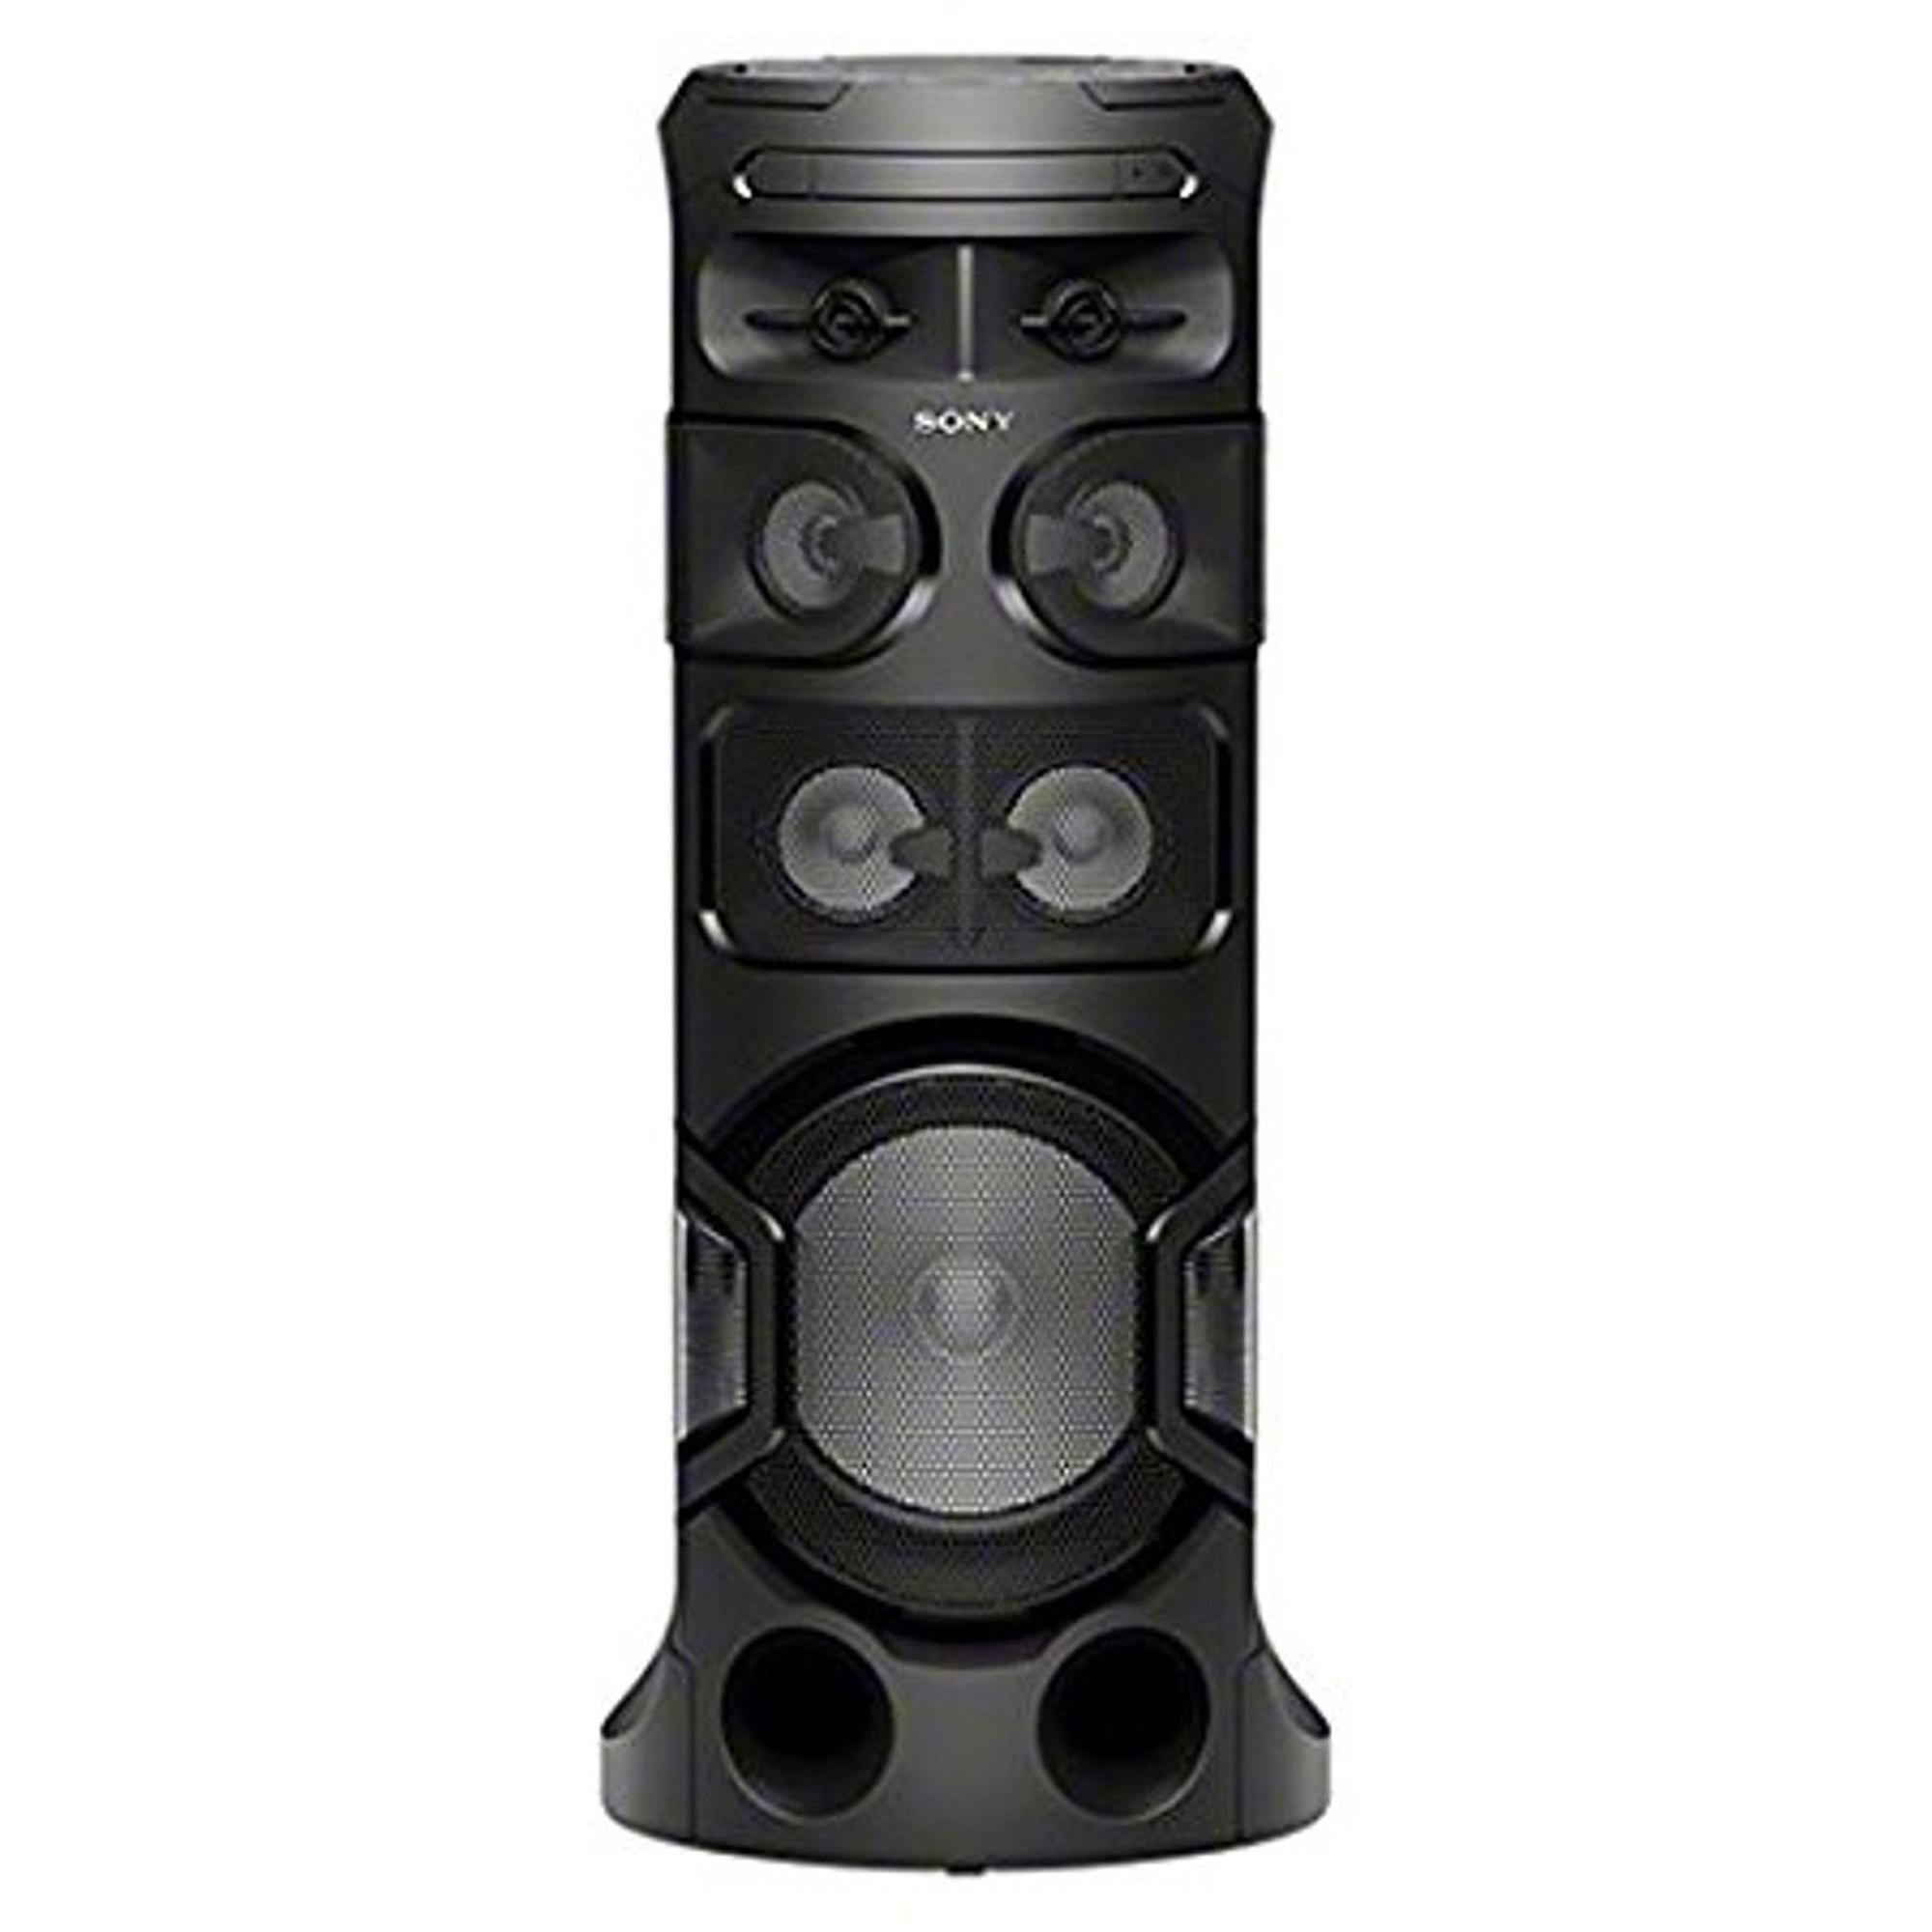 Sony MHC-V81D High Power Party Audio Musiksystem #schwarz